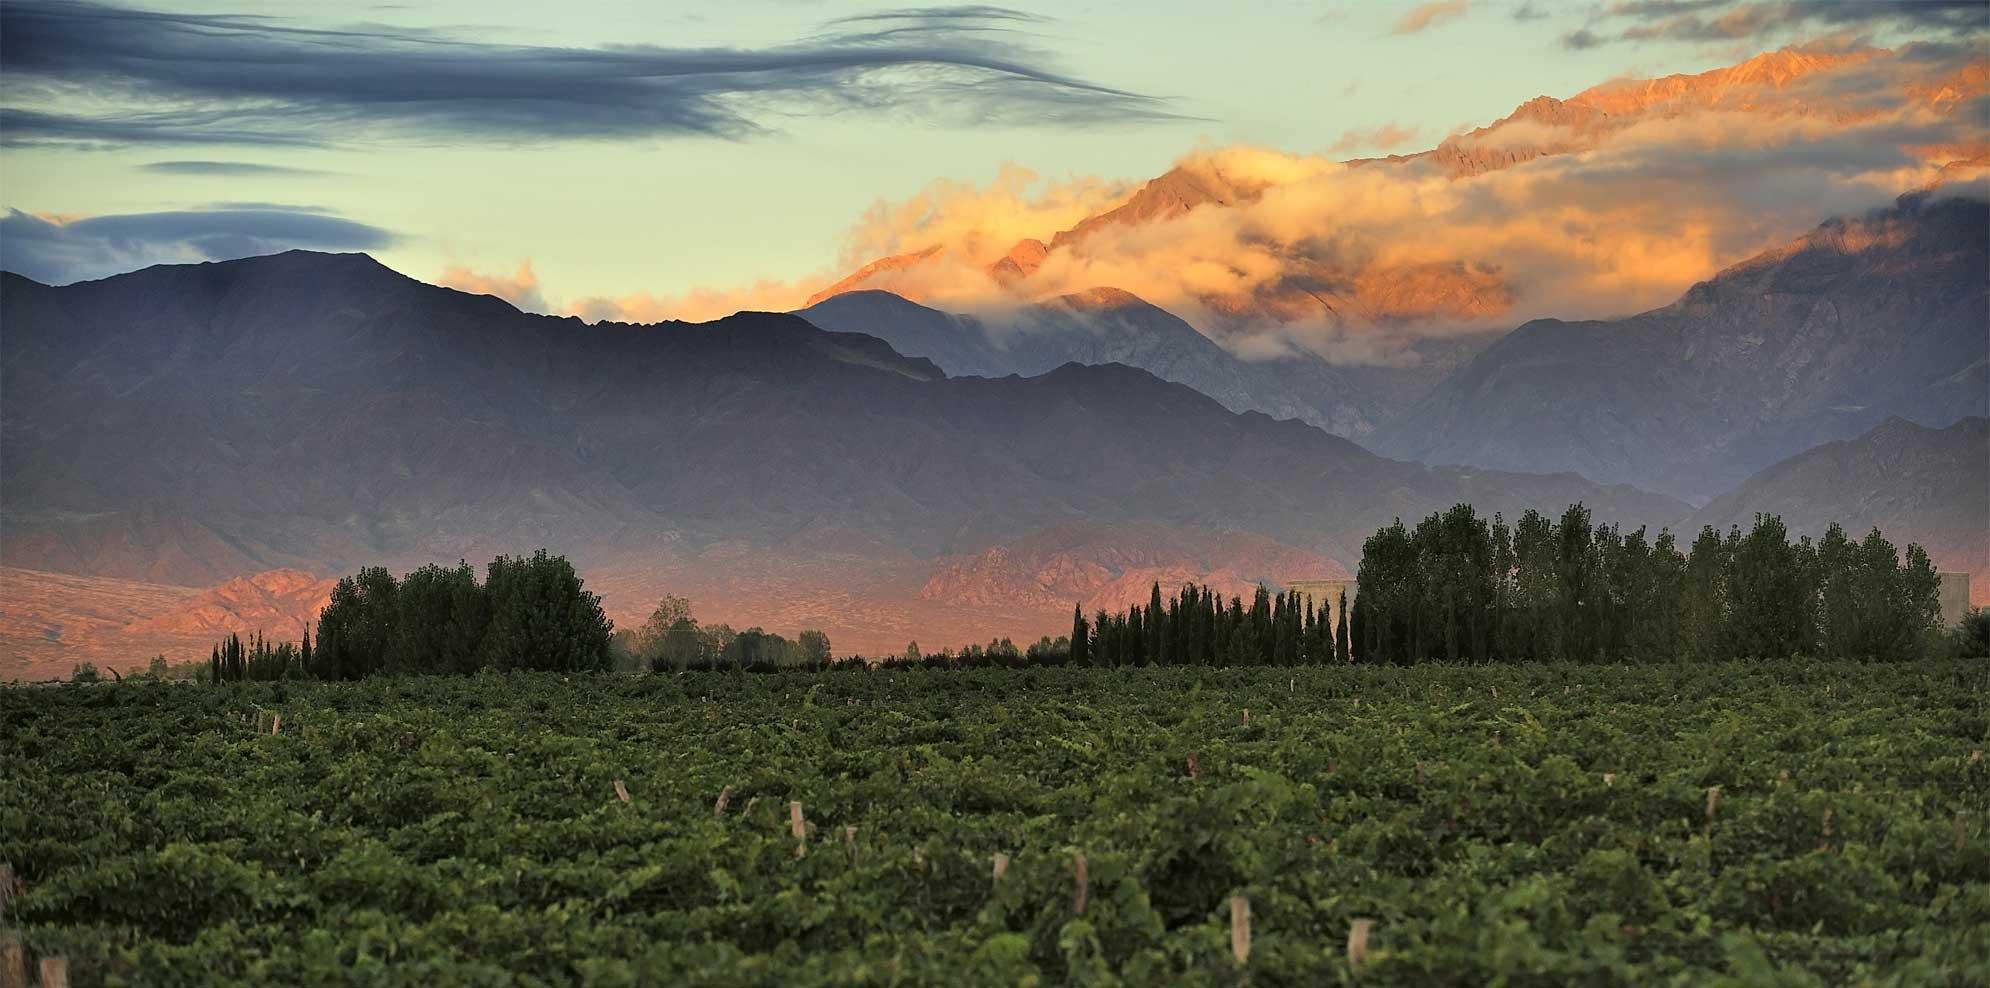 高海拔葡萄园究竟有什么特别之处?